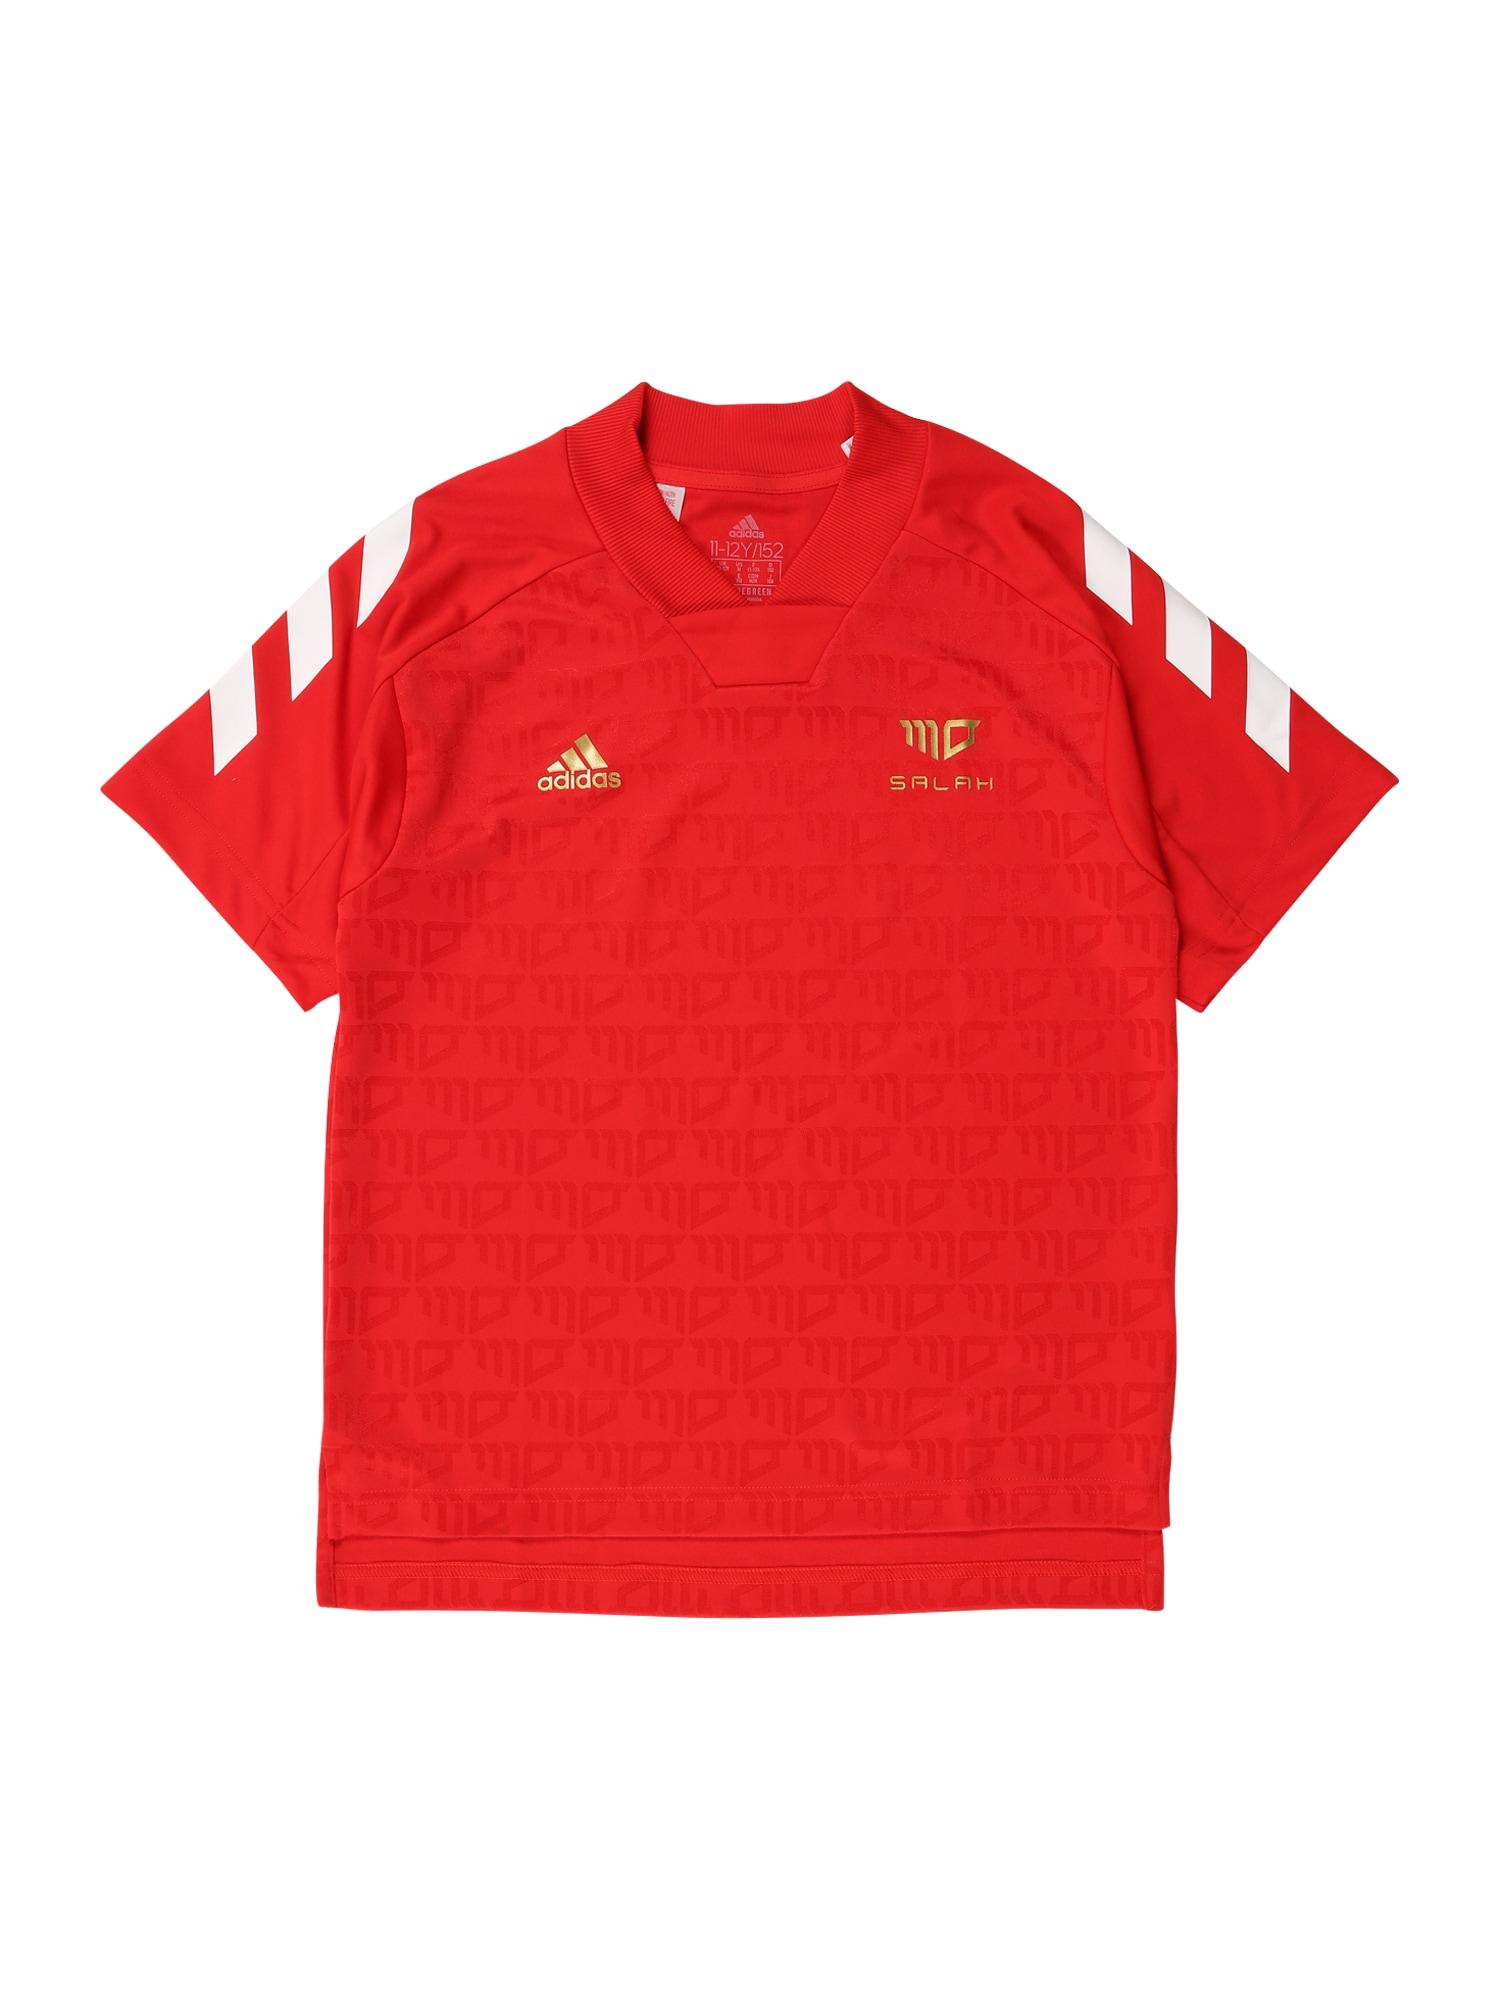 ADIDAS PERFORMANCE Sportiniai marškinėliai 'Salah' raudona / auksas / balta